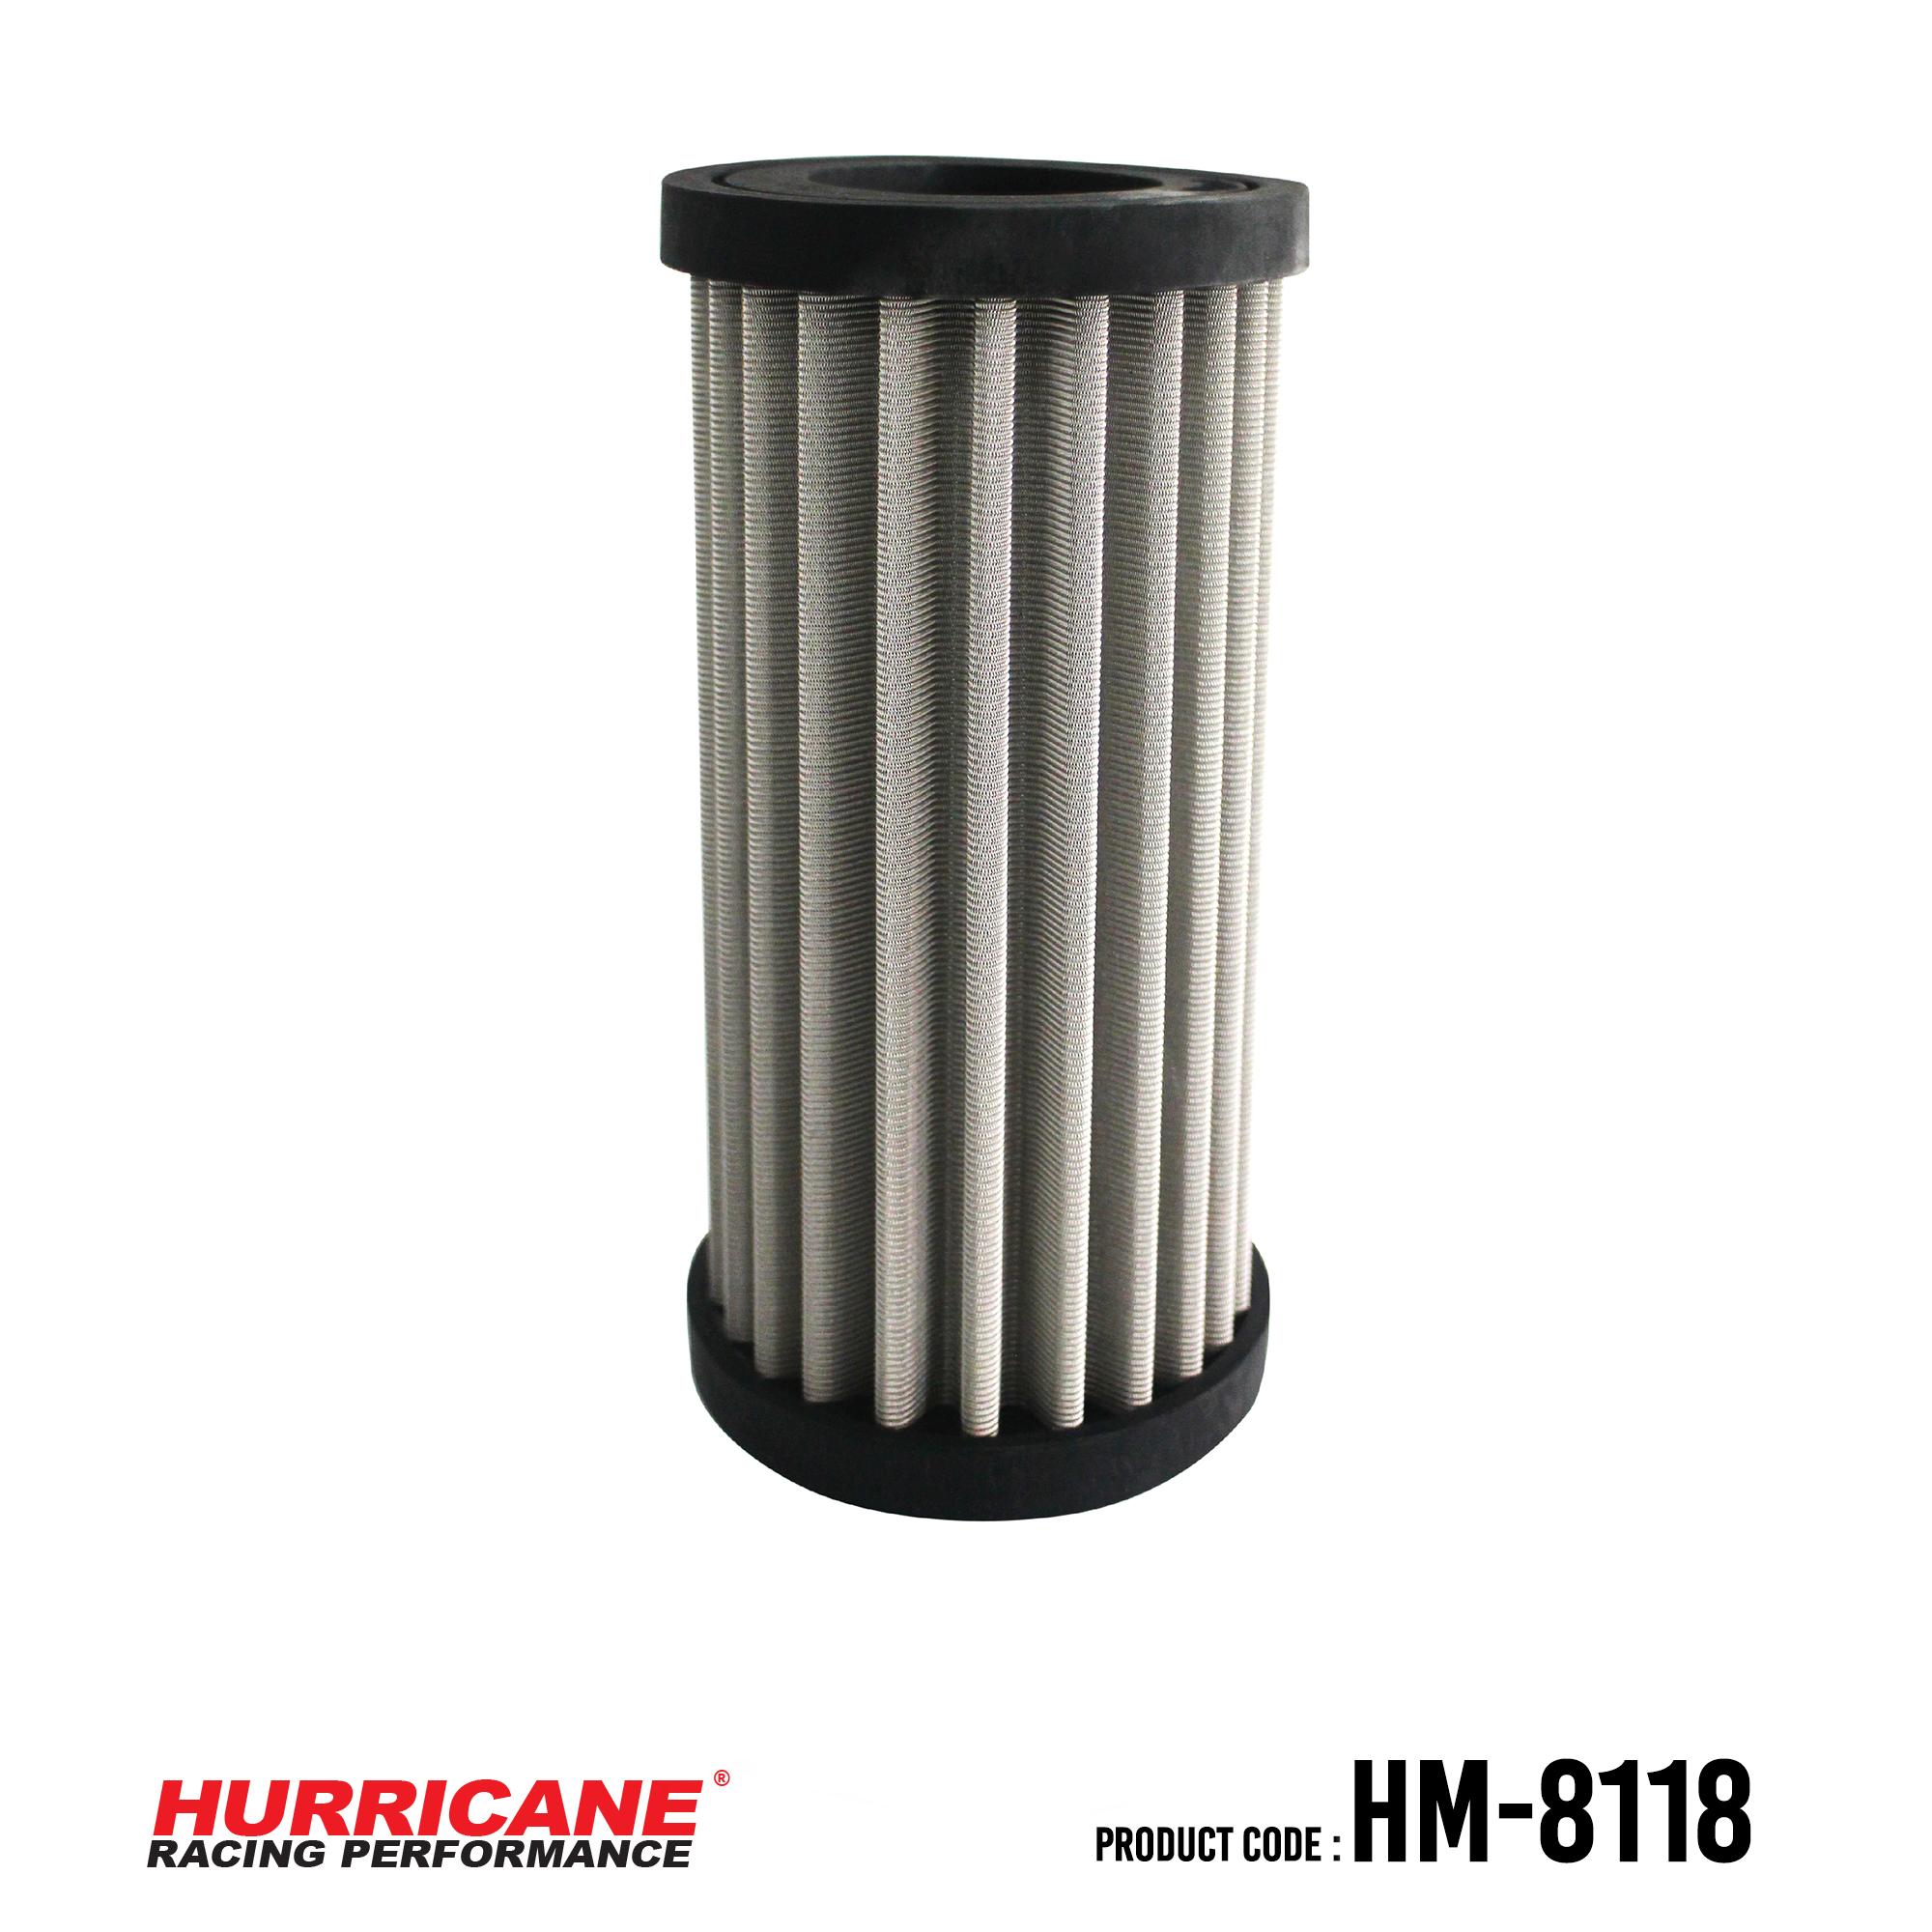 HURRICANE STAINLESS STEEL AIR FILTER FOR HM-8118 Honda